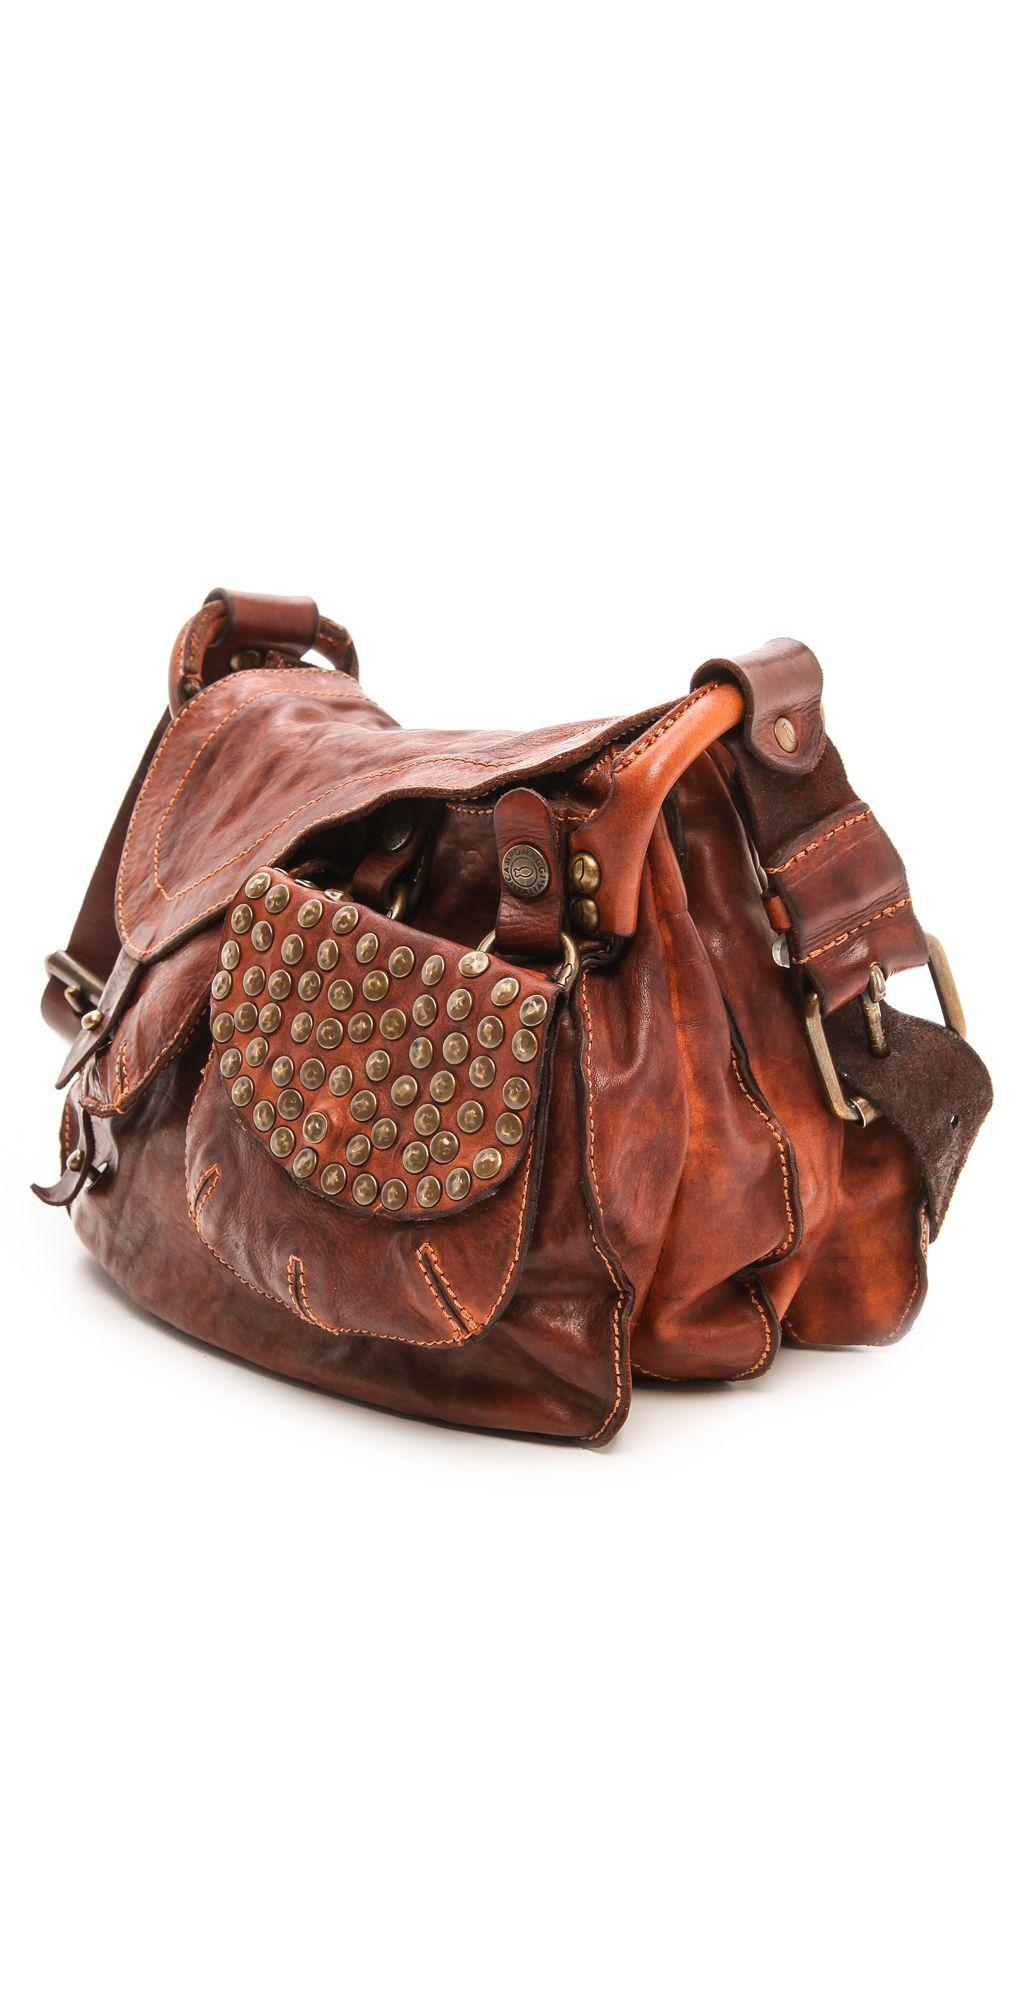 c93a703305cd Campomaggi Washed Leather Shoulder Bag